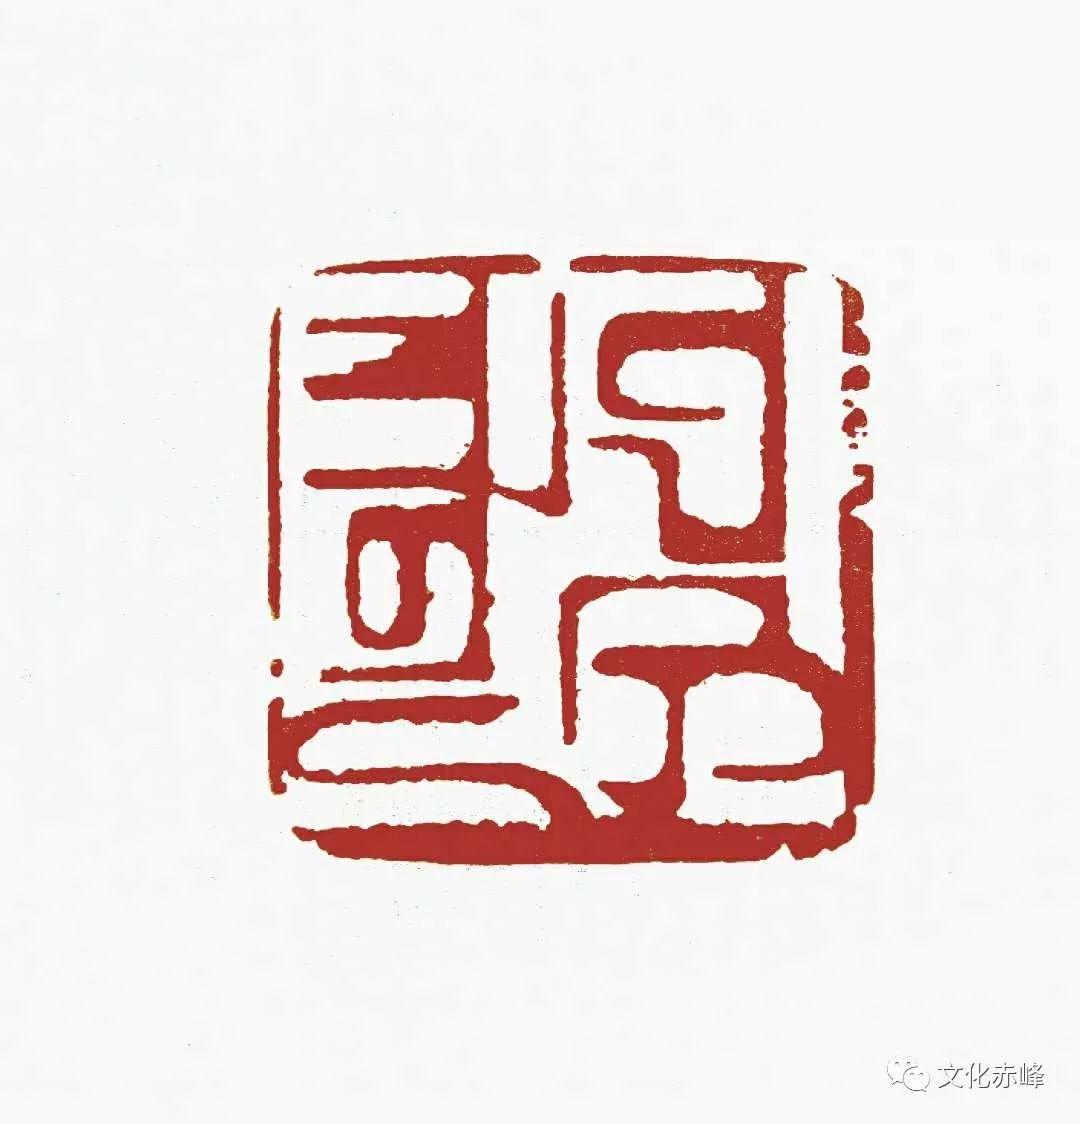 【文化赤峰】乐·达尔罕篆刻作品欣赏! 第13张 【文化赤峰】乐·达尔罕篆刻作品欣赏! 蒙古书法